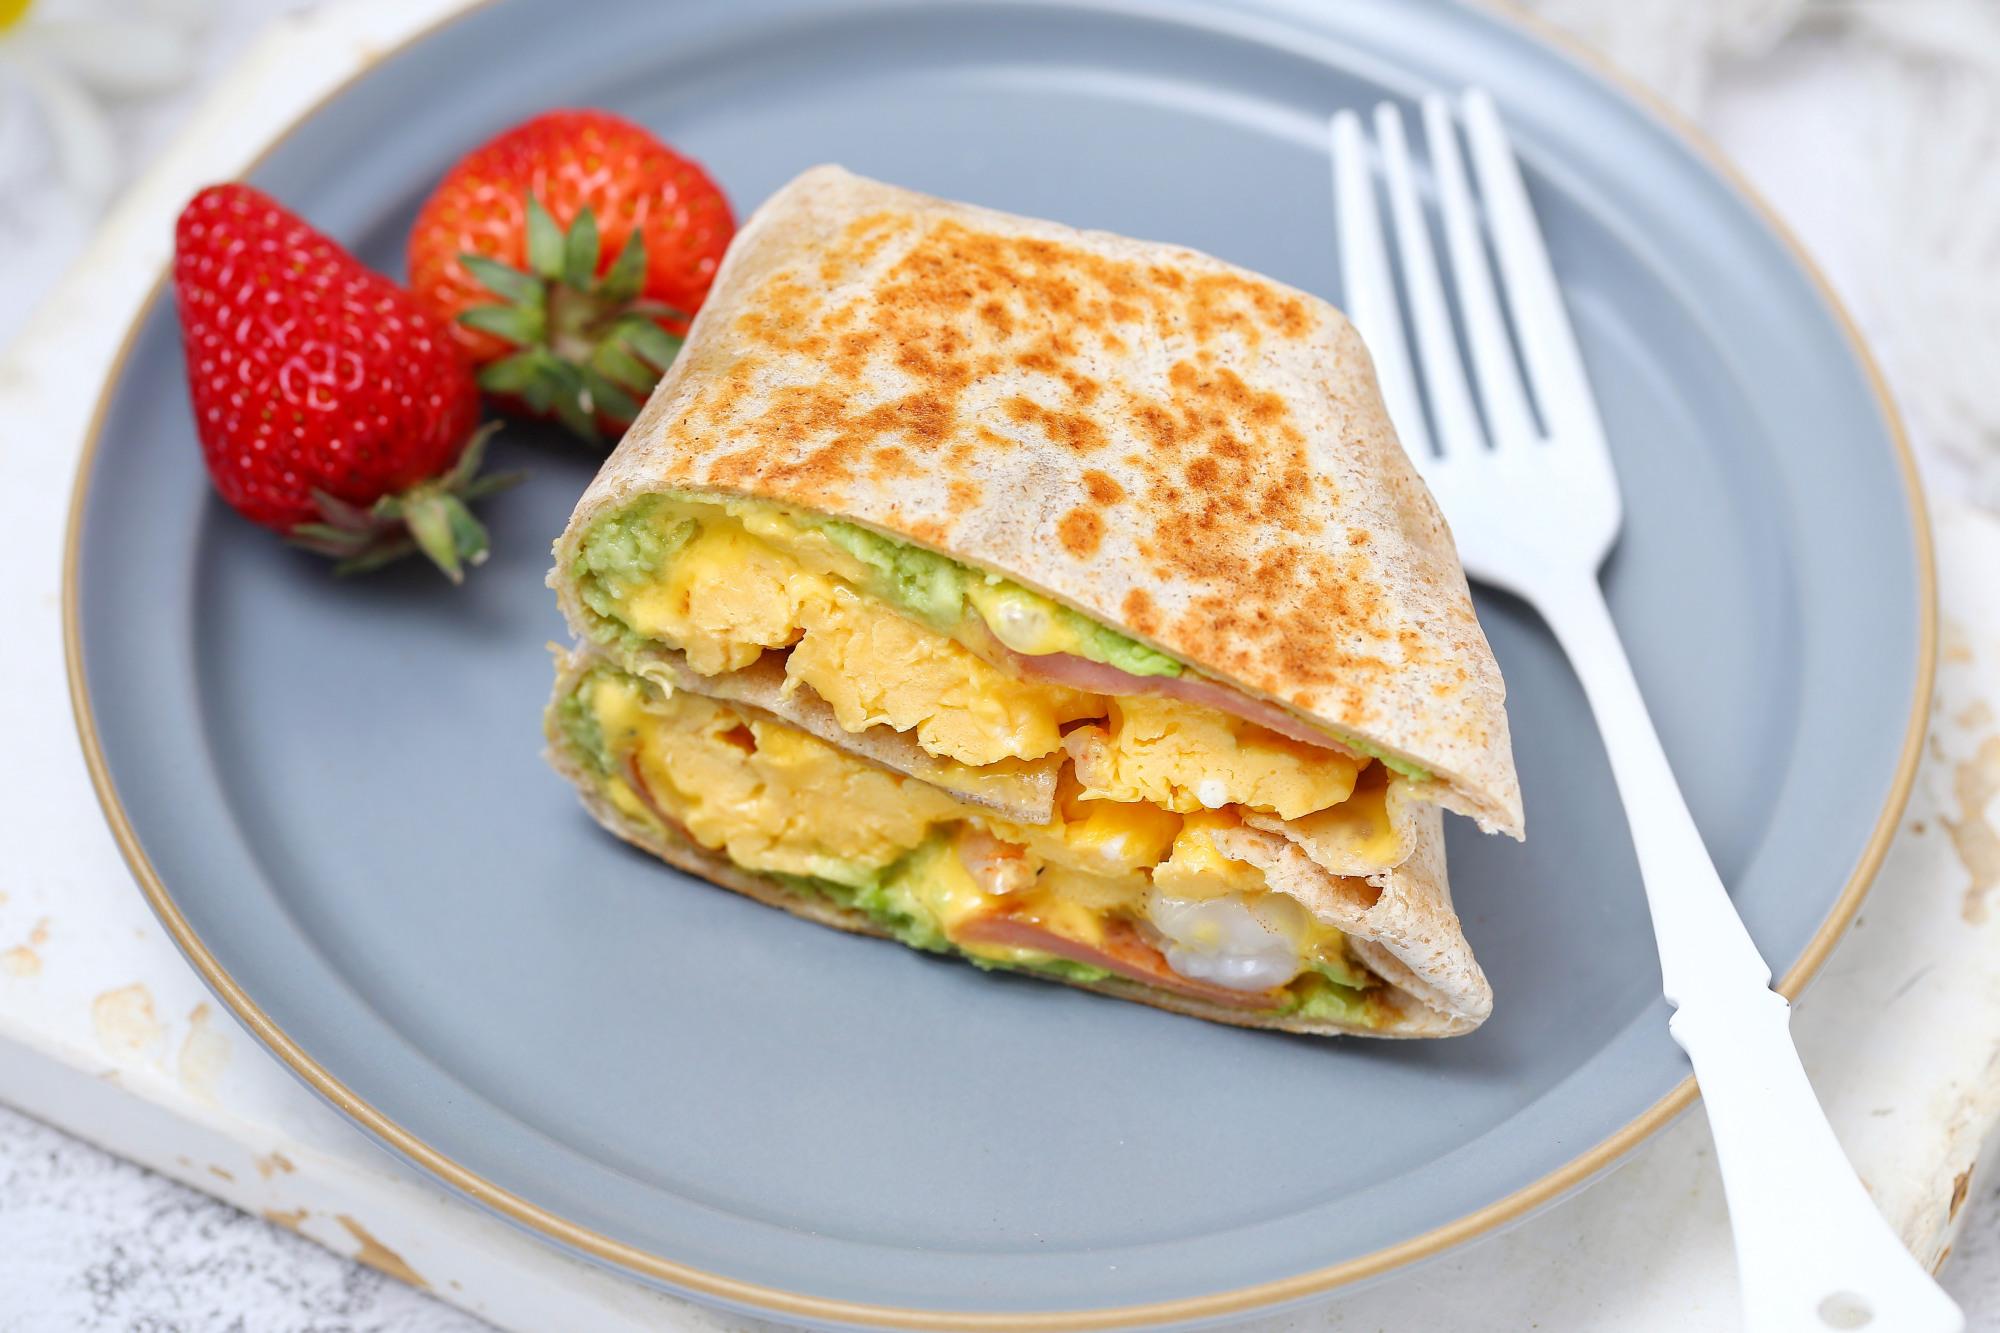 连吃一周也不腻的早餐饼,有虾有蛋营养均衡,简单快手十分钟上桌 美食做法 第12张